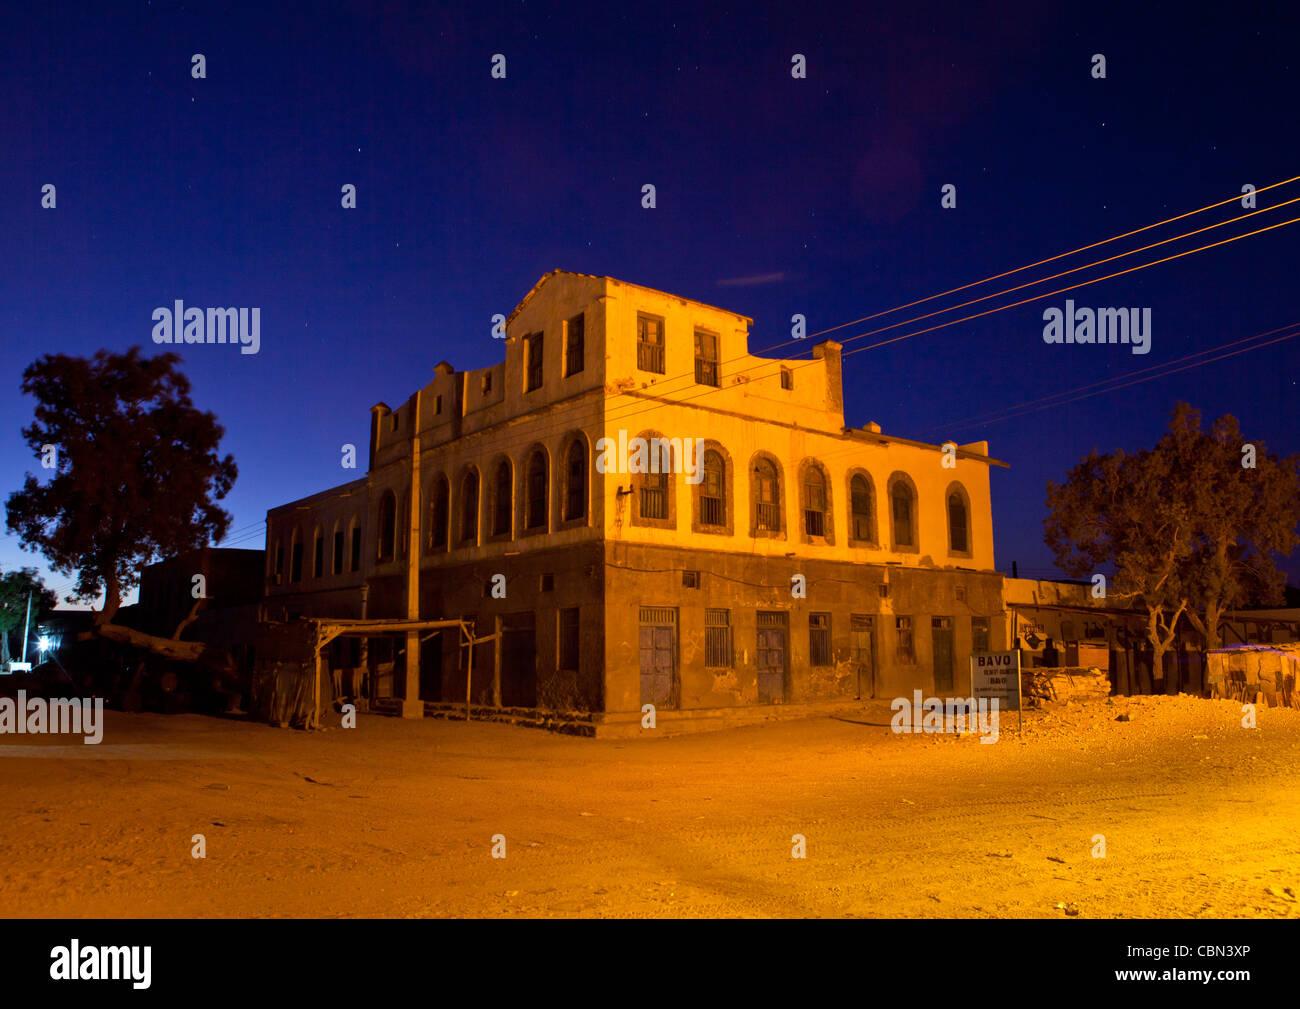 Ehemaligen Osmanischen Reiches Haus keine Menschen durch Nacht Berbera Somaliland Stockbild